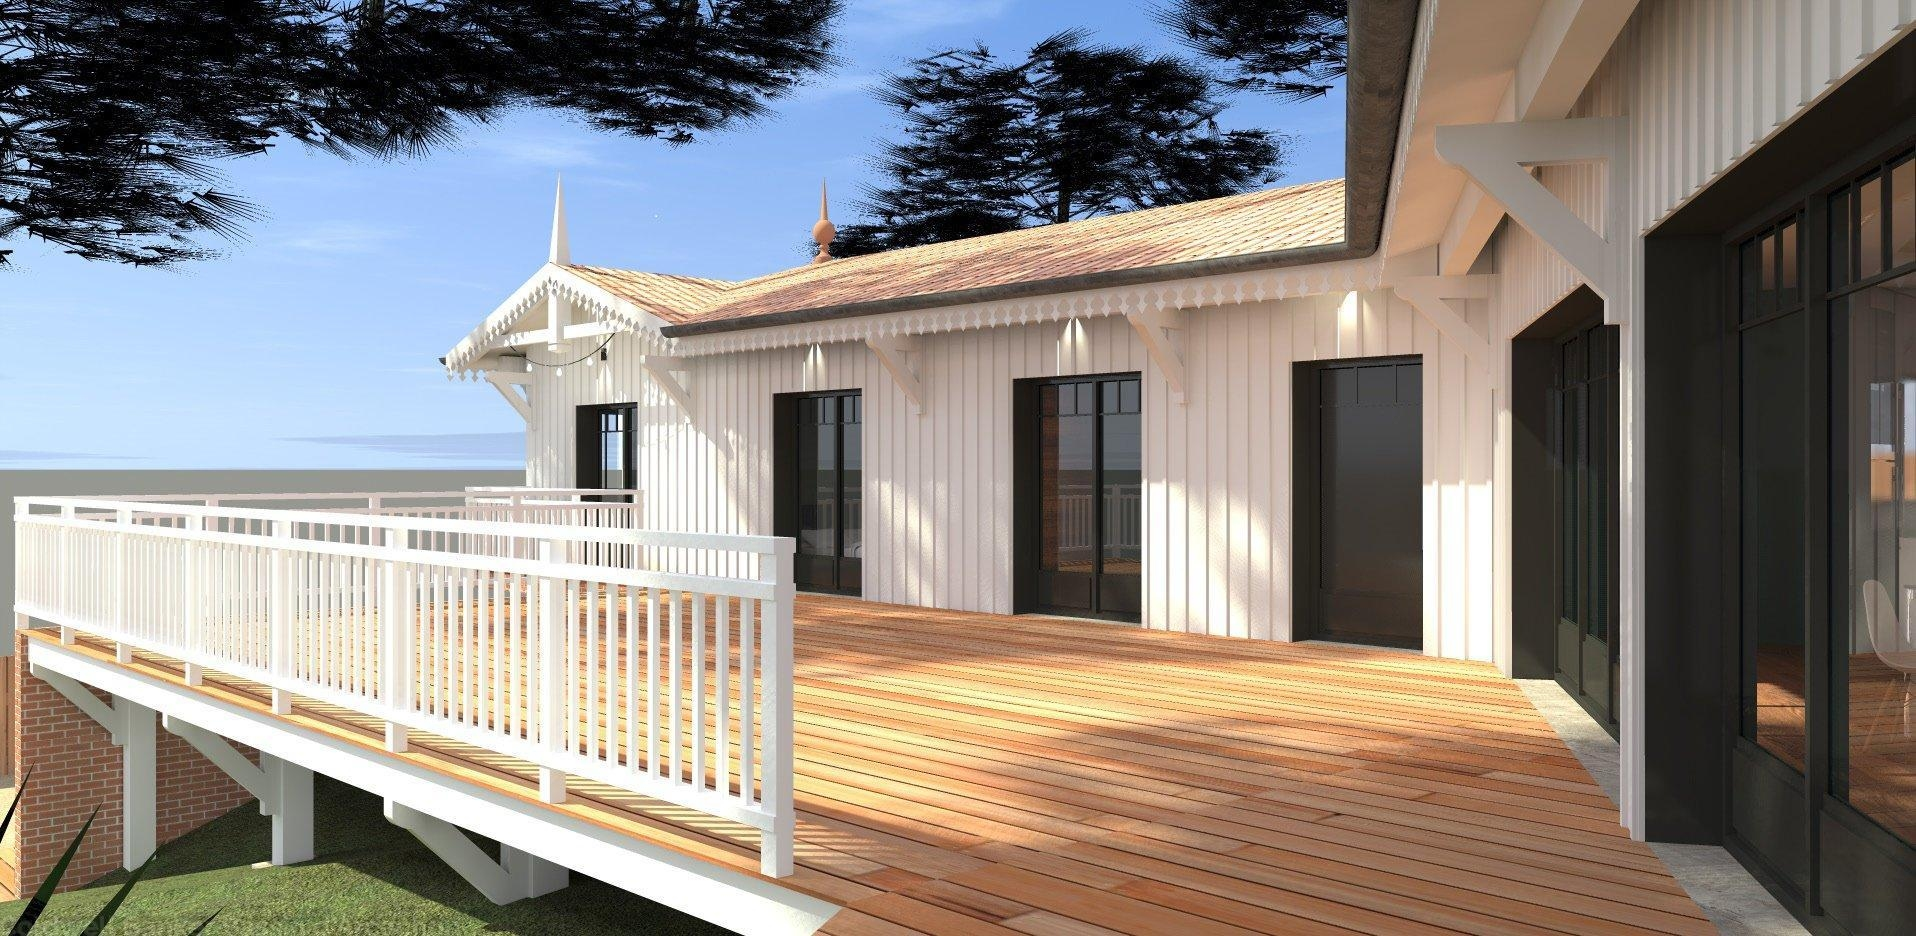 Projet de rénovation villa gaume 6 chambres pyla sur mer